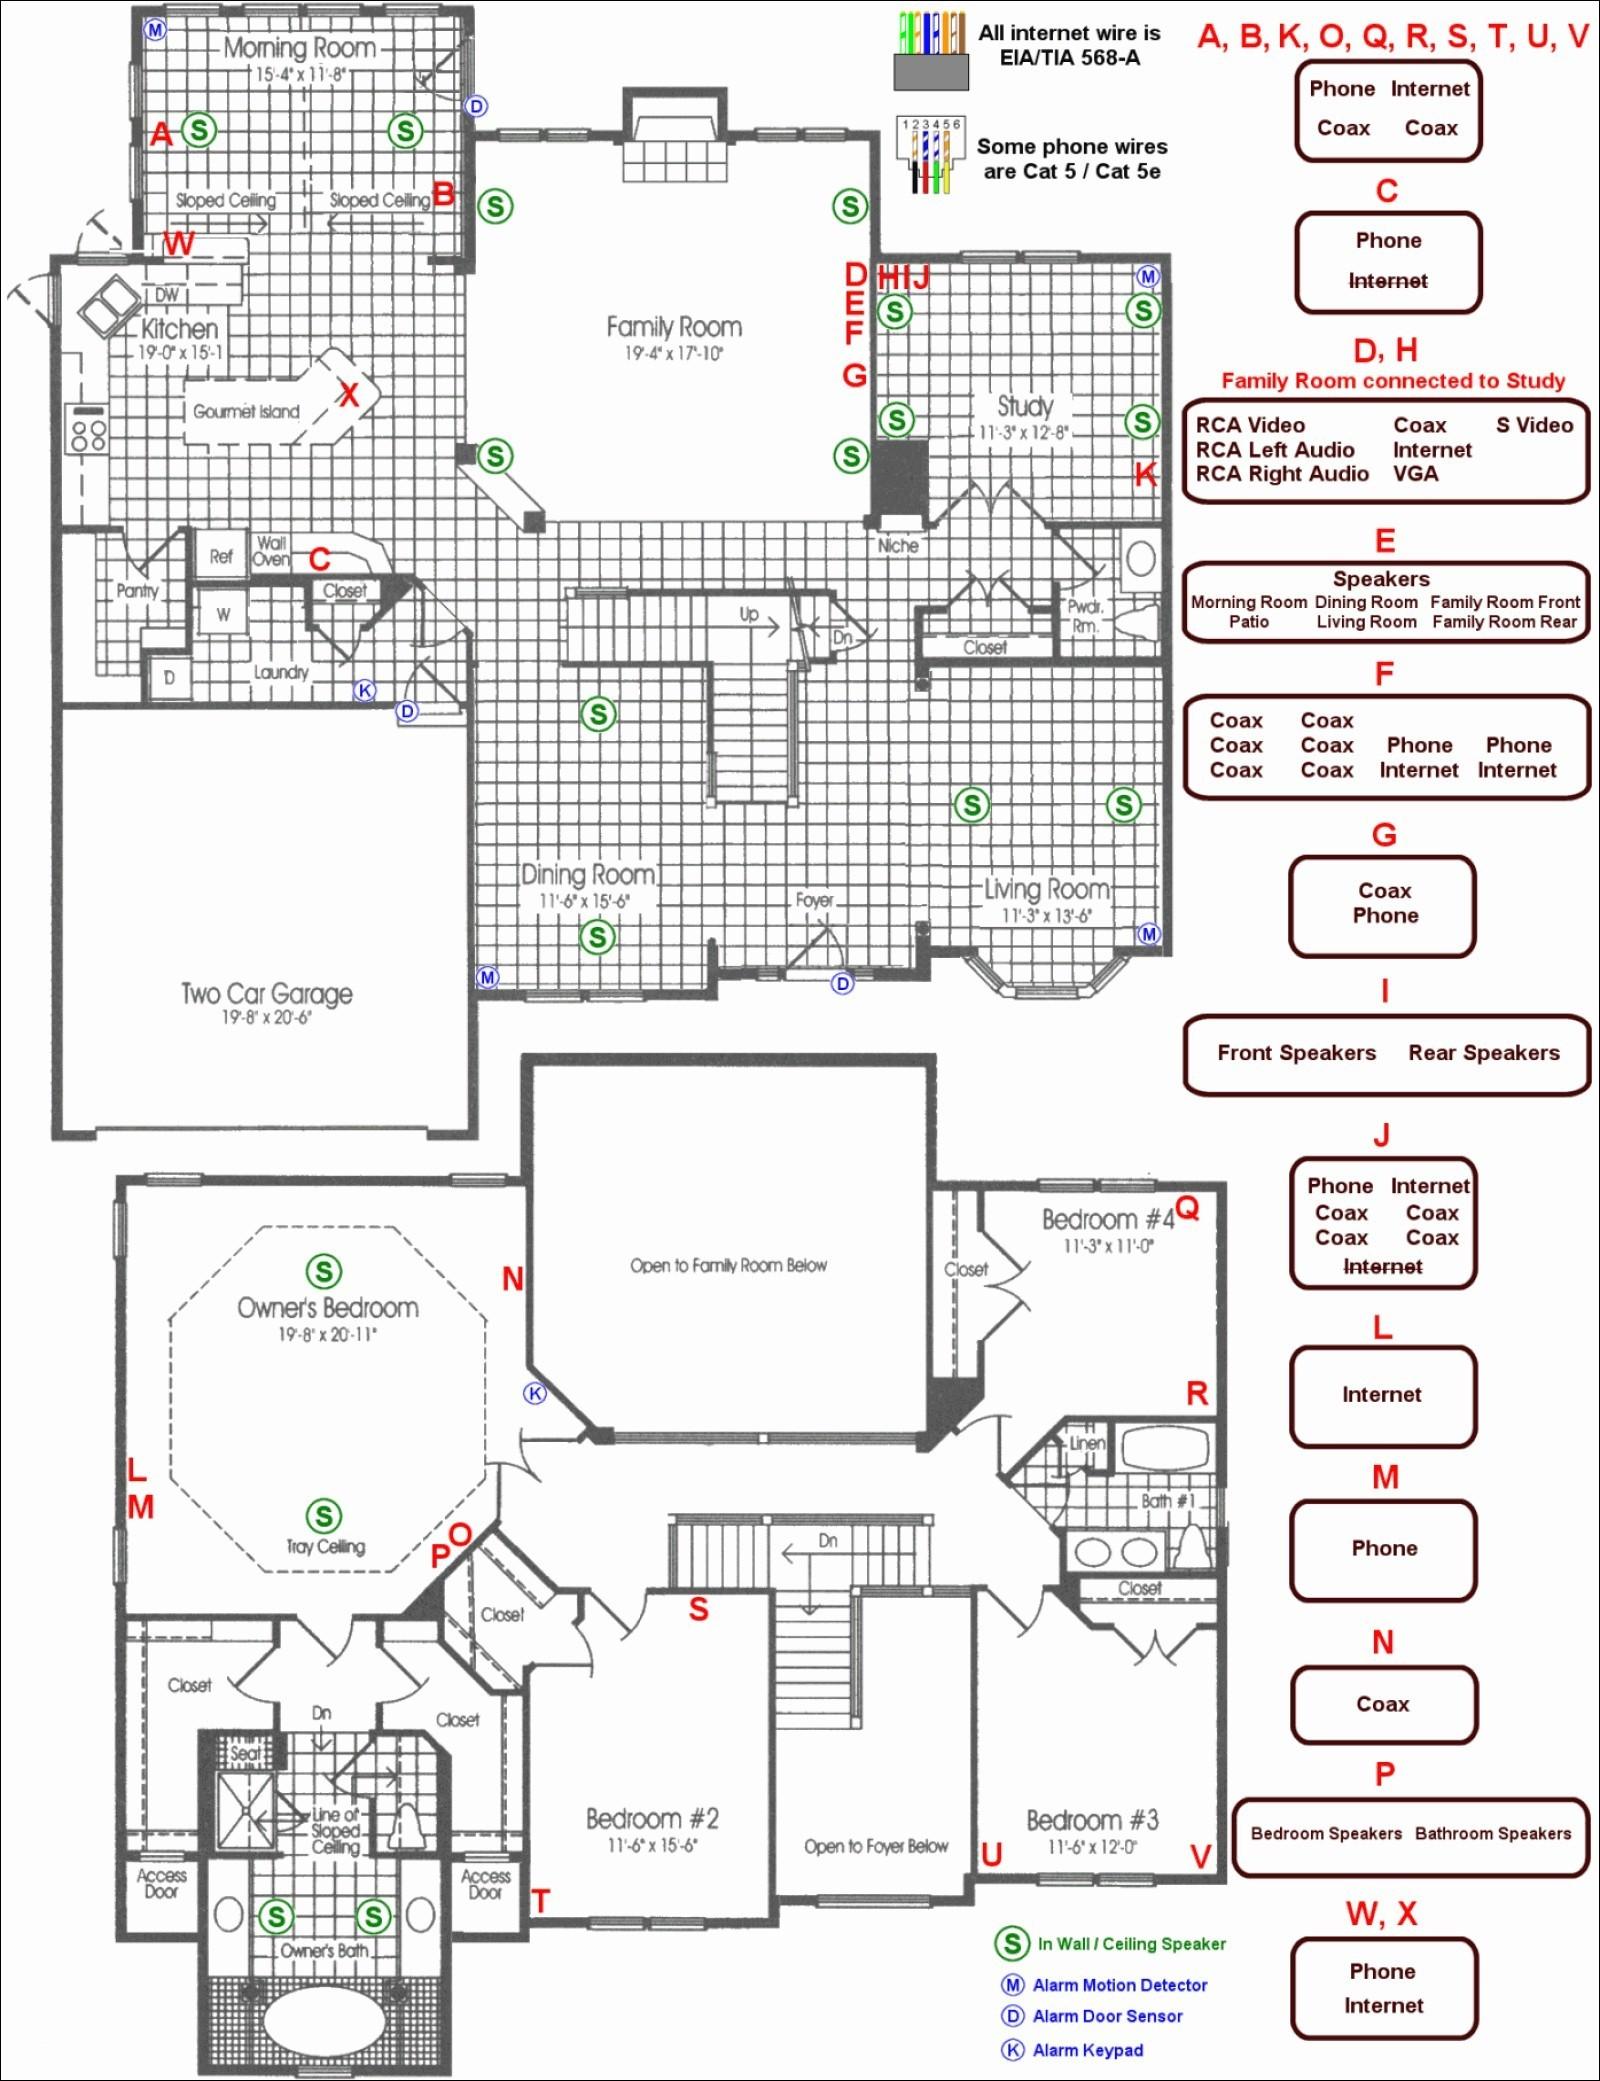 House Wiring Circuit Diagrams Elegant | Wiring Diagram Image